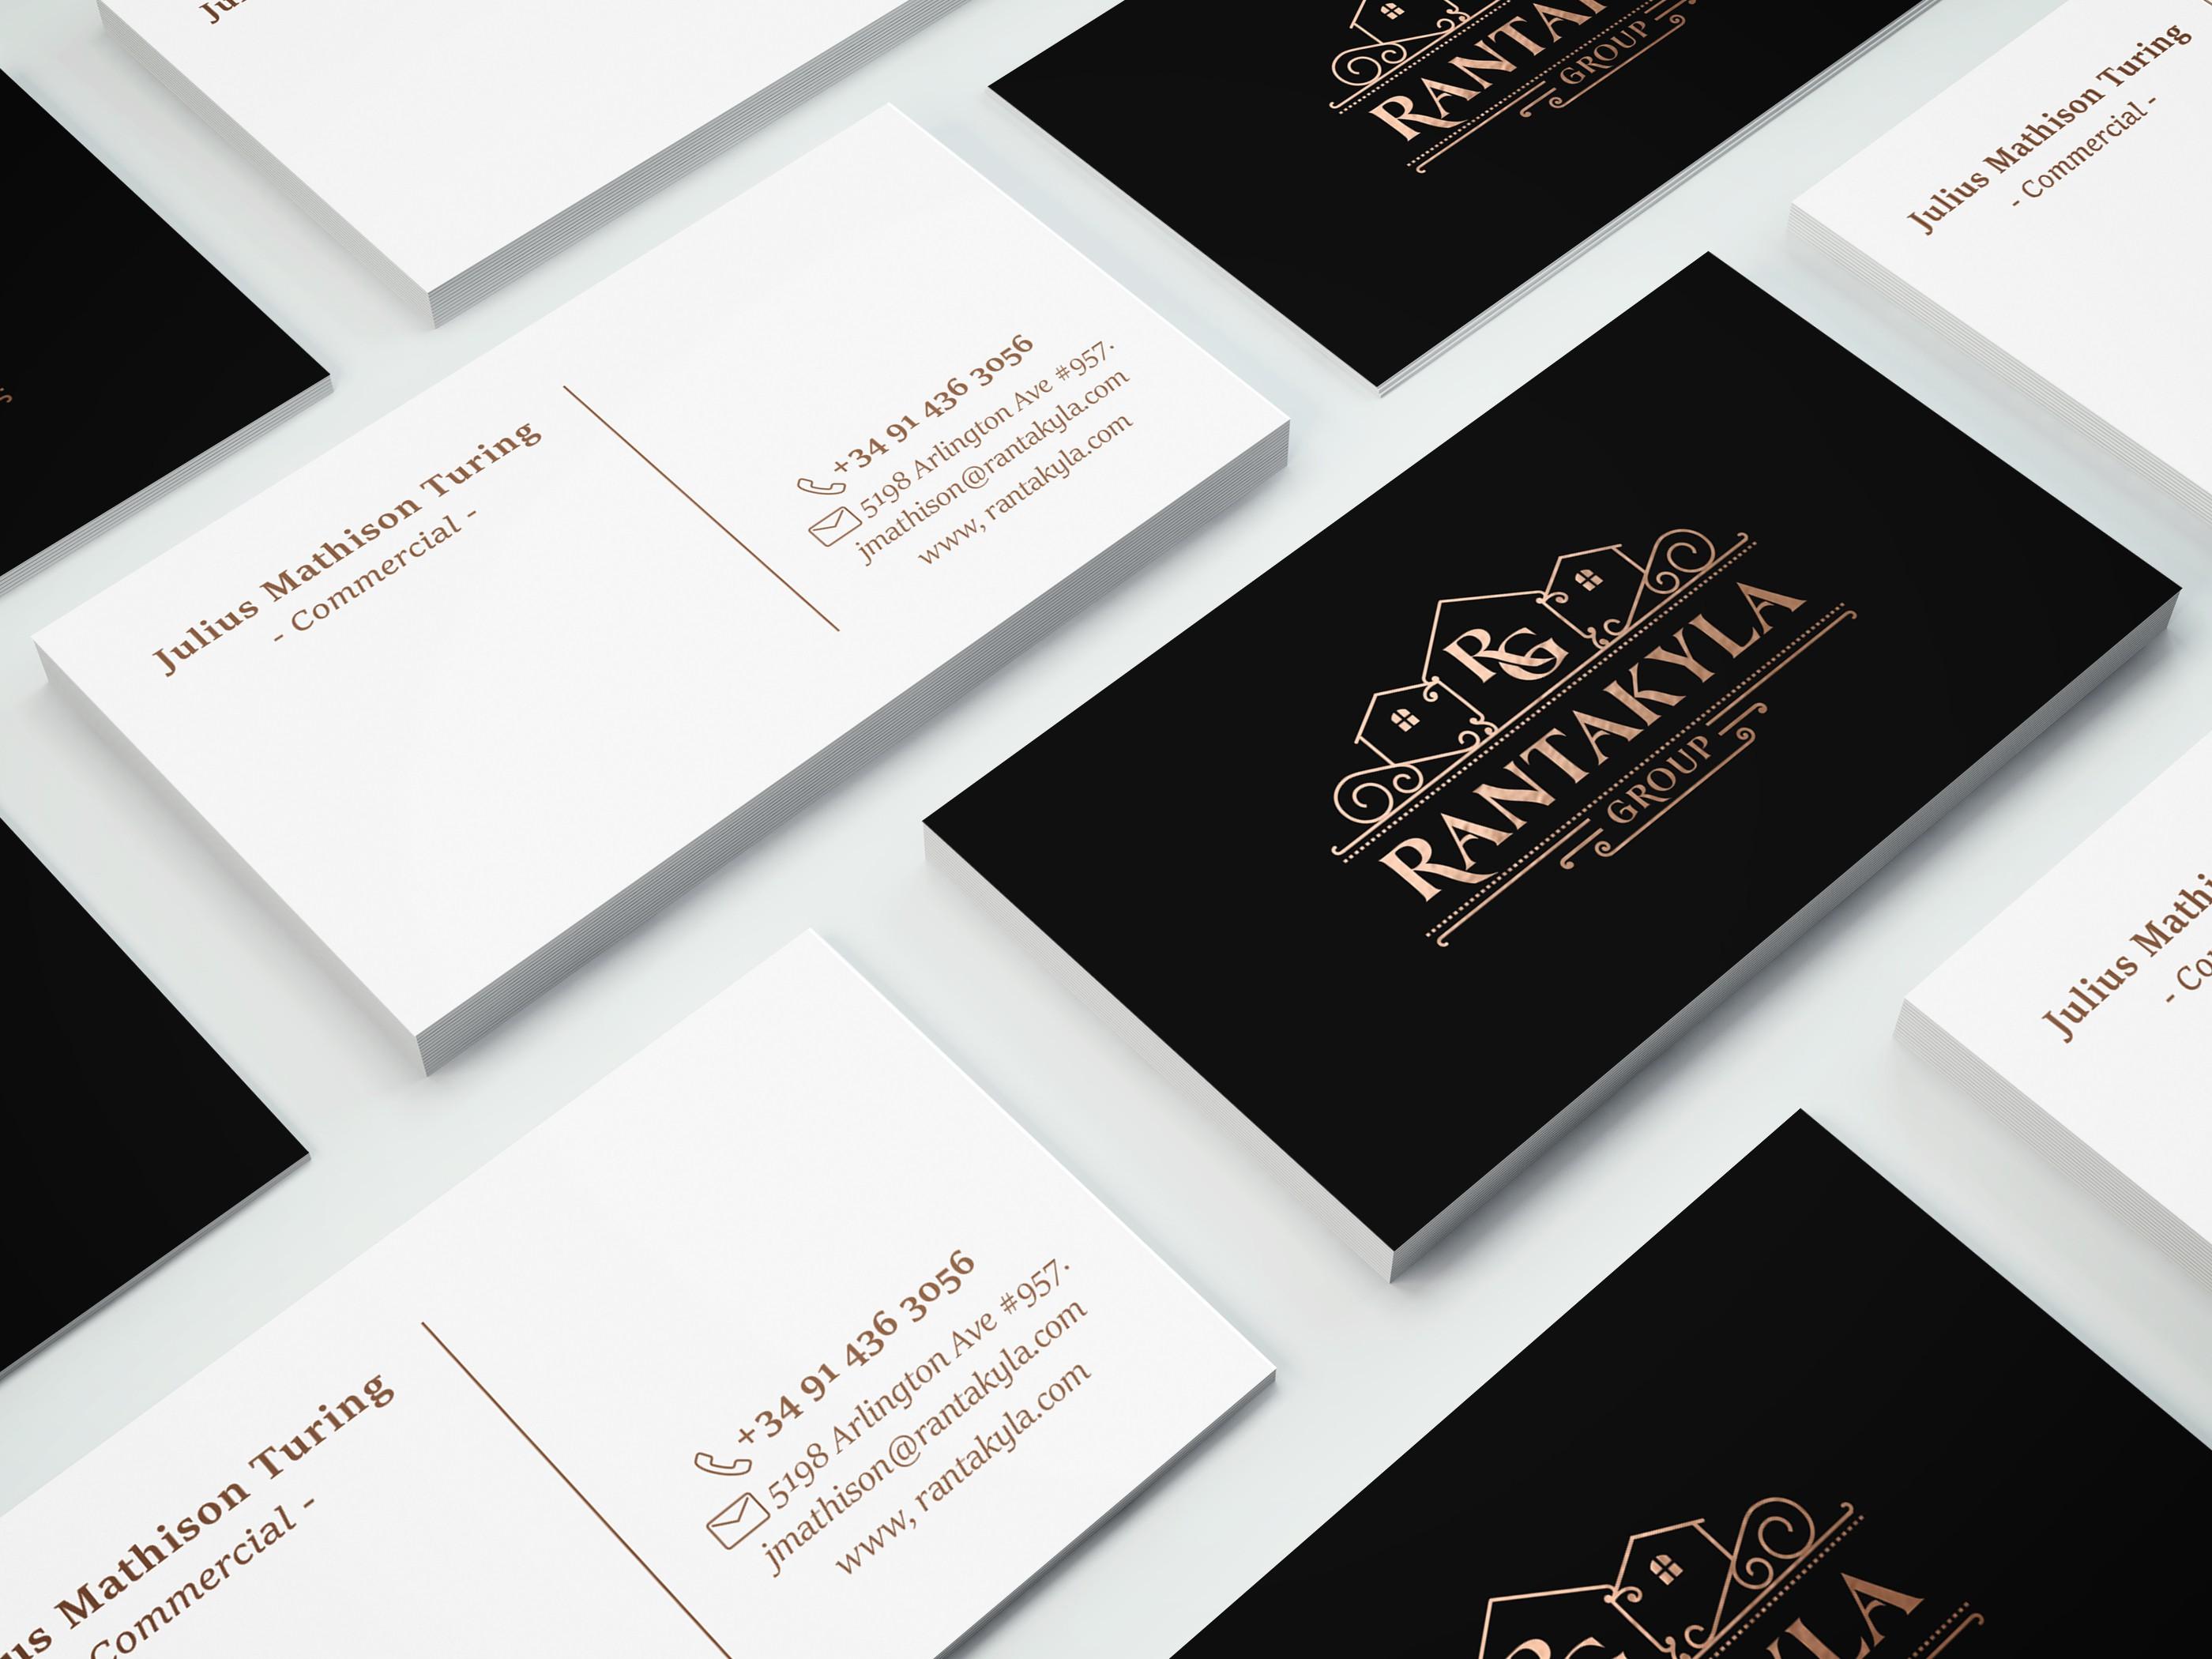 Diseña un logo y tarjeta tipo vintage para Rantakyla Group